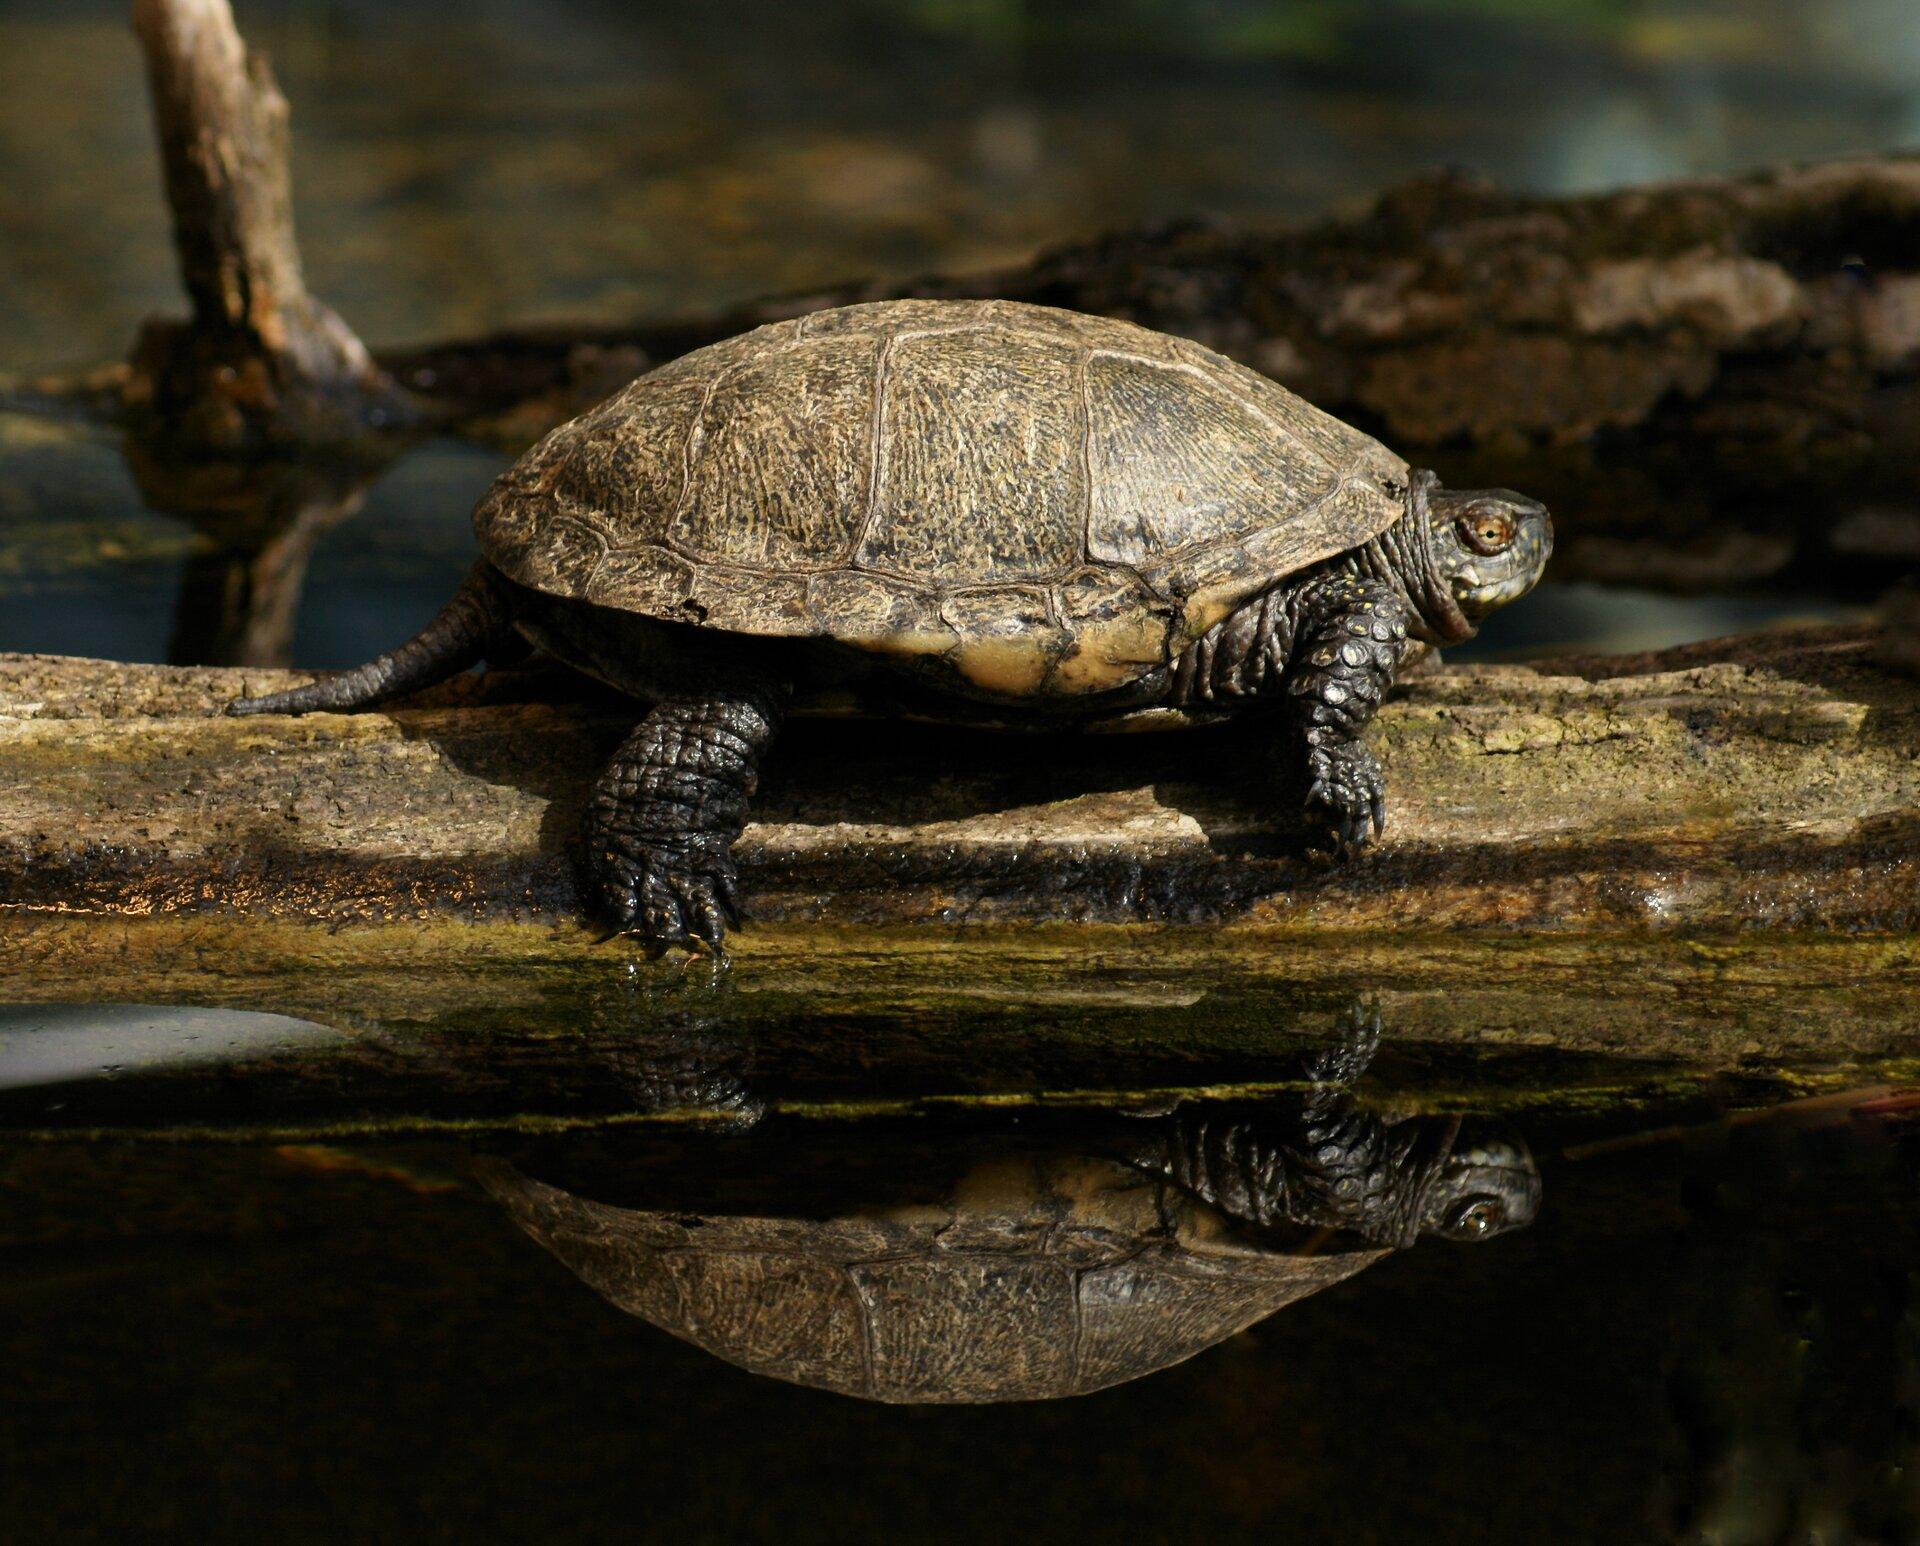 Fotografia przedstawia żółwia błotnego na kawałku drewna wwodzie, wktórej zwierzę się odbija. Żółw ma jasnobrązowy pancerz, podzielony na duże pola. Mała czarna głowa wprawo, na niej bursztynowe oko. Szyja zwinięta wfałdy. Kończyny iogon czarne.